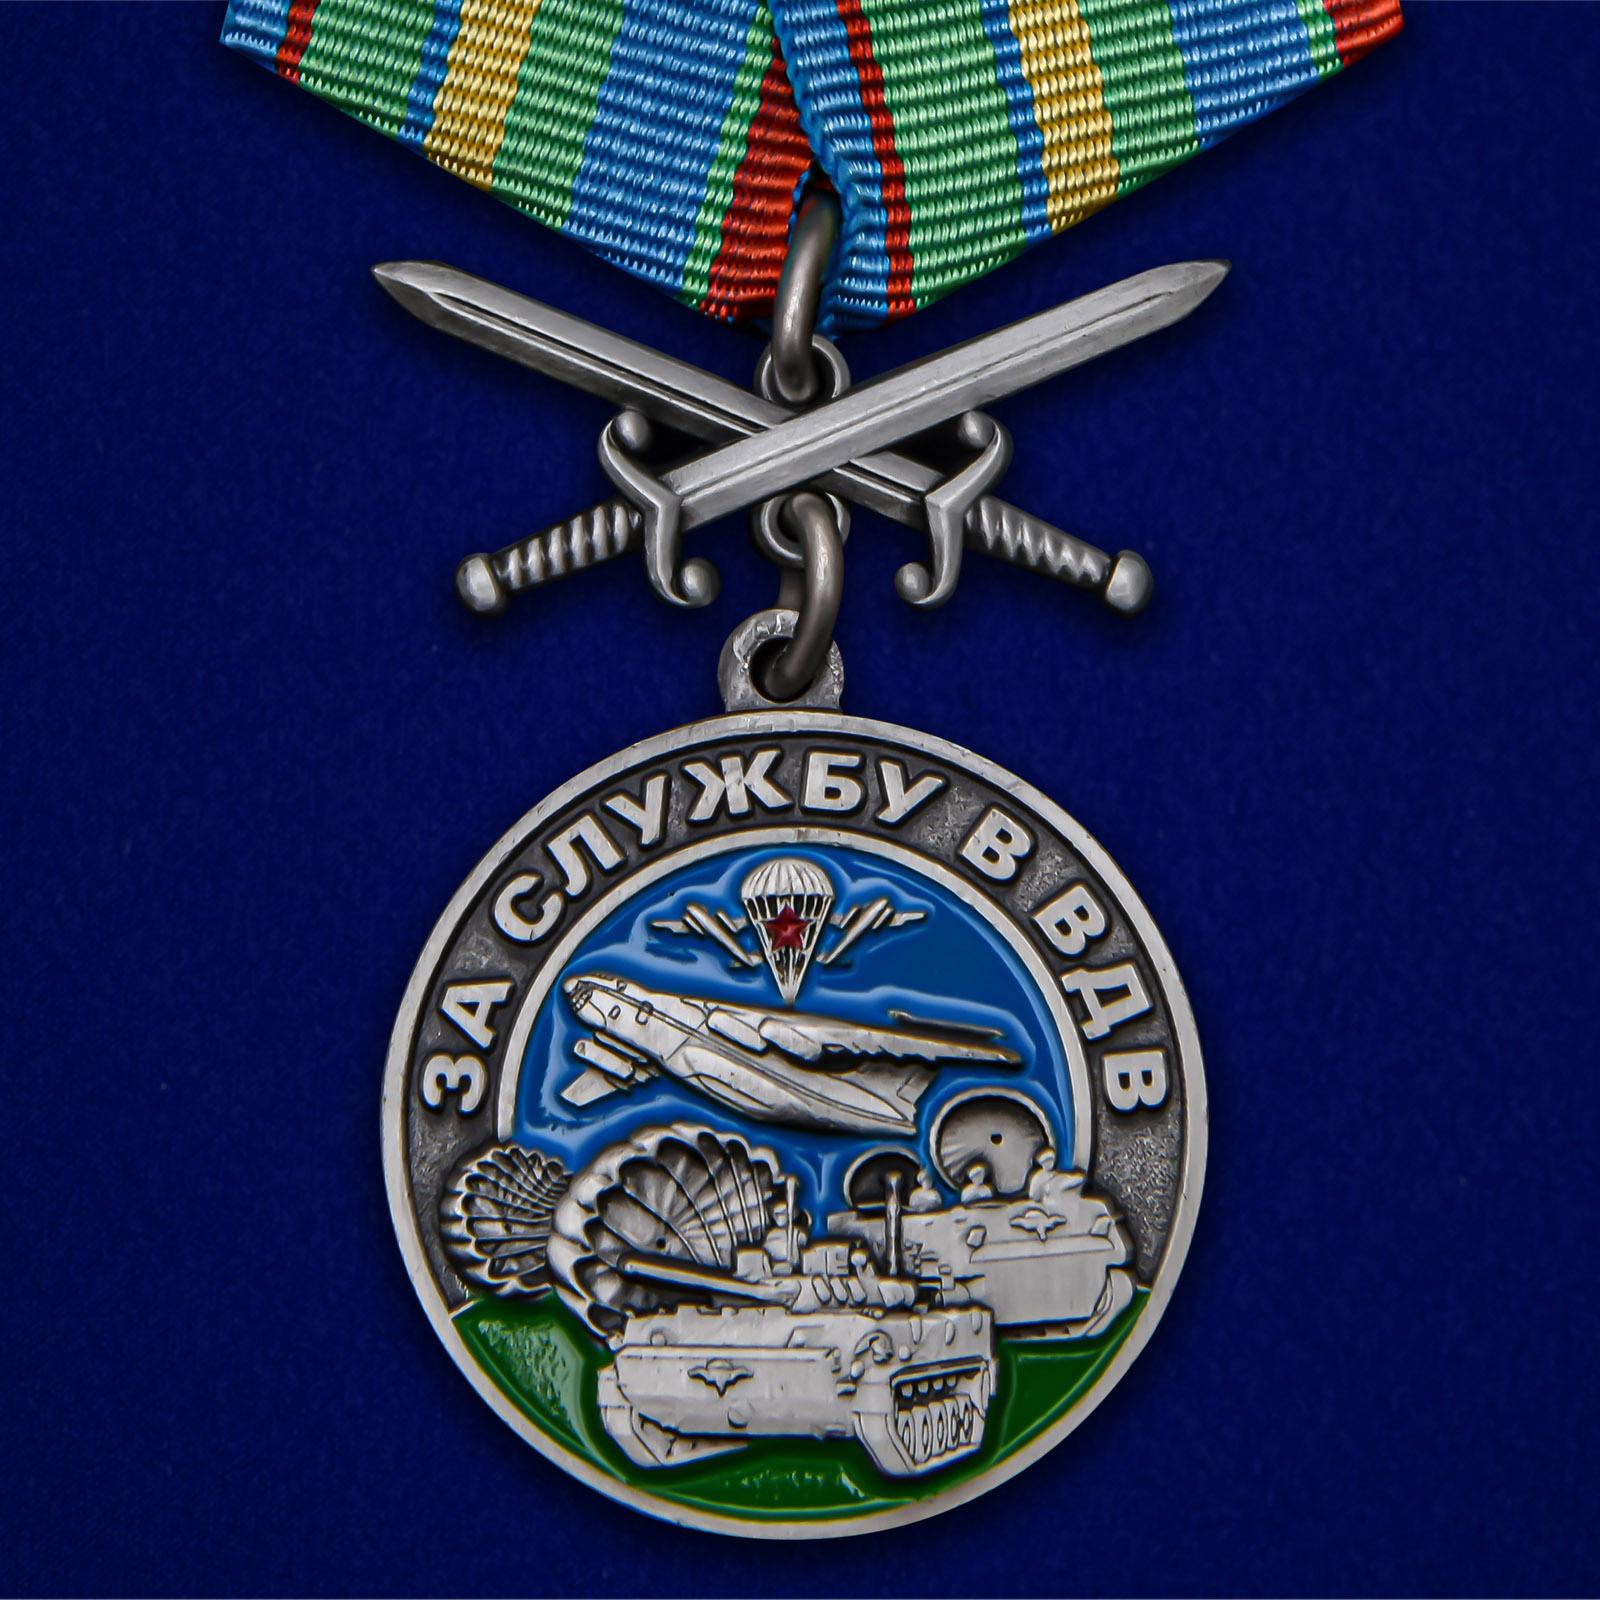 Недорогие медали для десантников